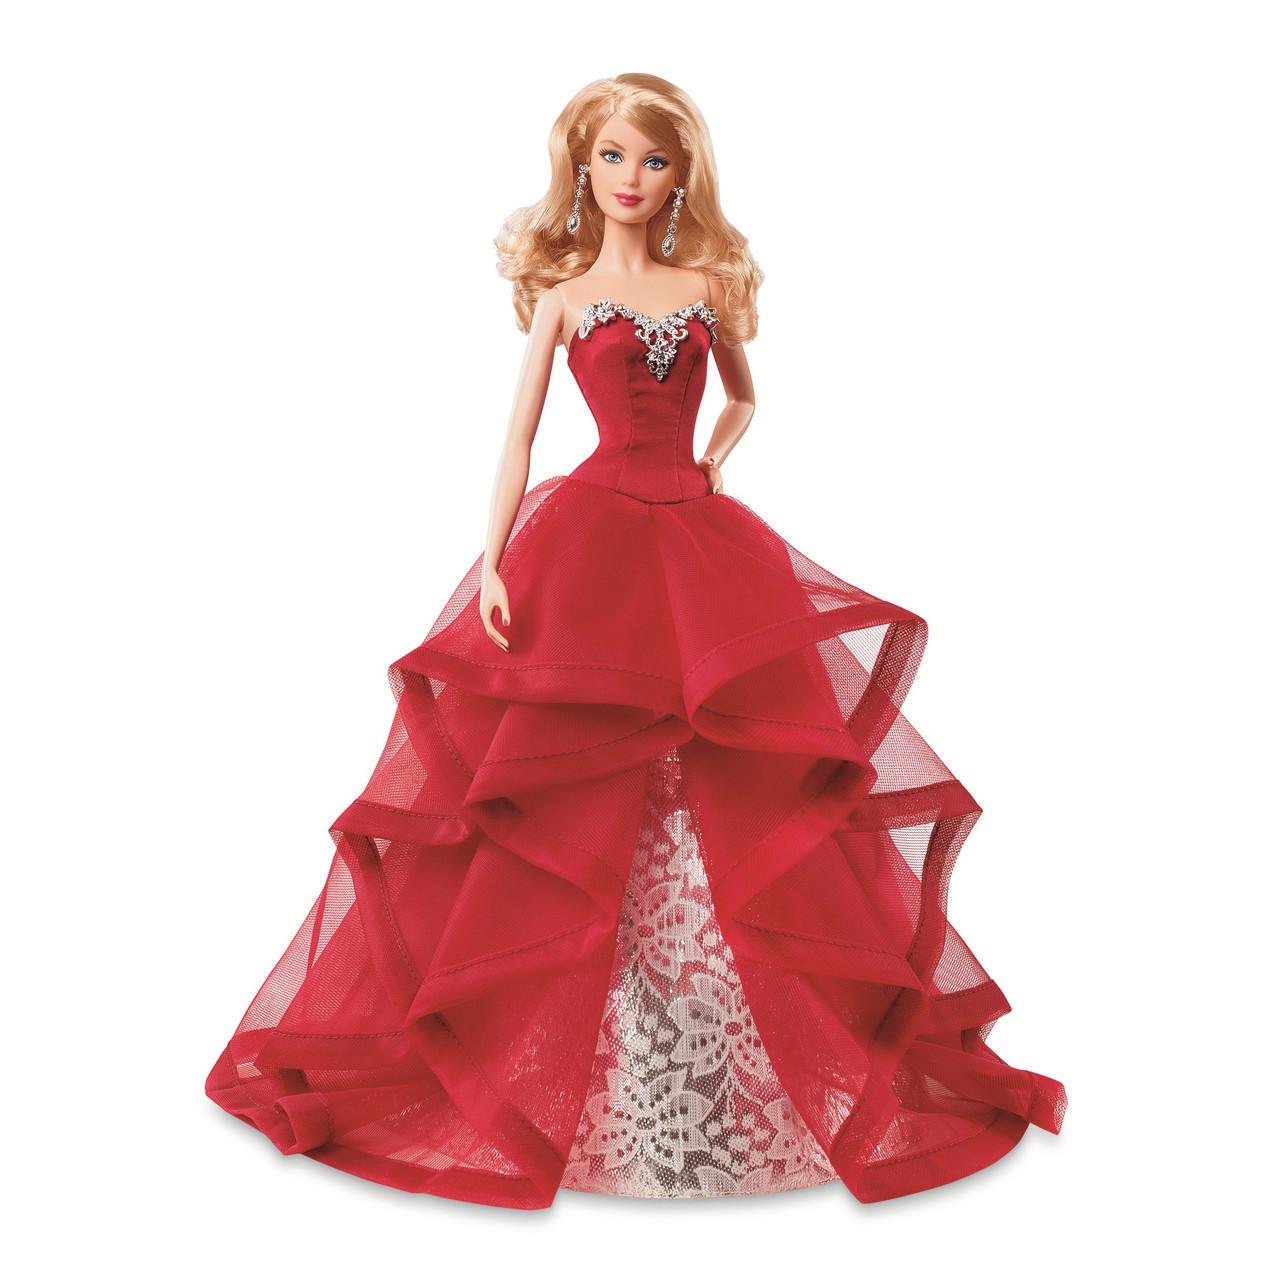 Barbie Коллекционная кукла Блондинка в красном платье - Праздничная 2015, Барби